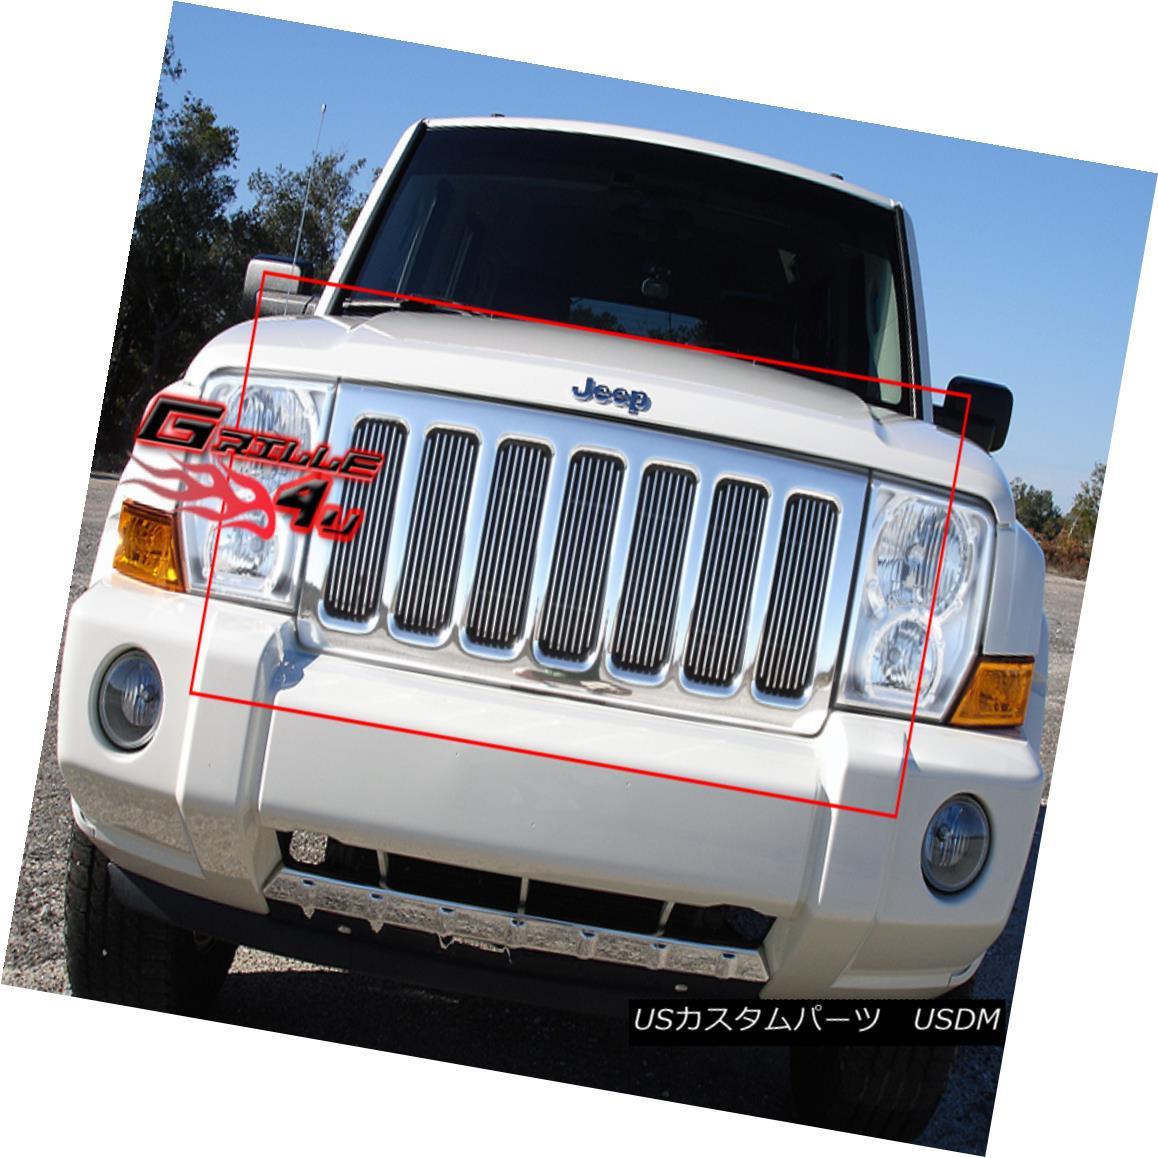 グリル Fits 2006-2010 Jeep Commander Vertical Billet Grille Insert フィット2006年から1010ジープコマンダー垂直ビレットグリルの挿入